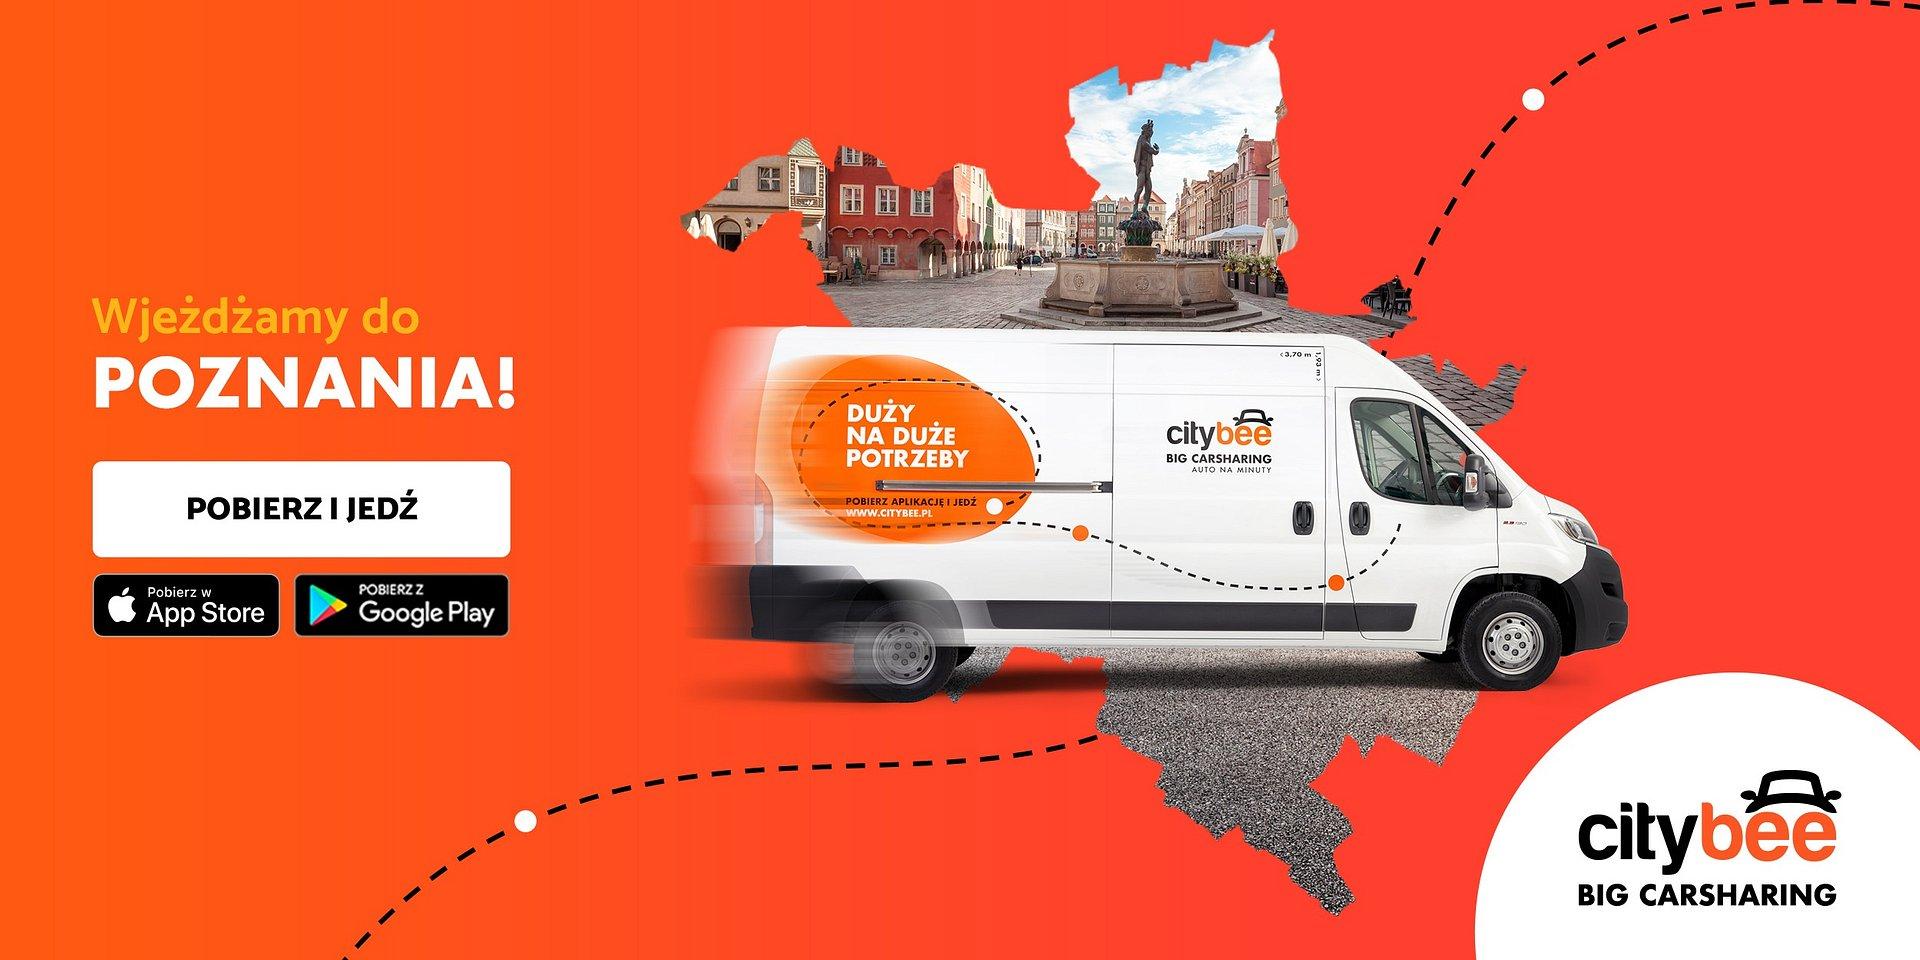 CityBee wjeżdża do Poznania! Startuje wynajem dostawczaków na minuty